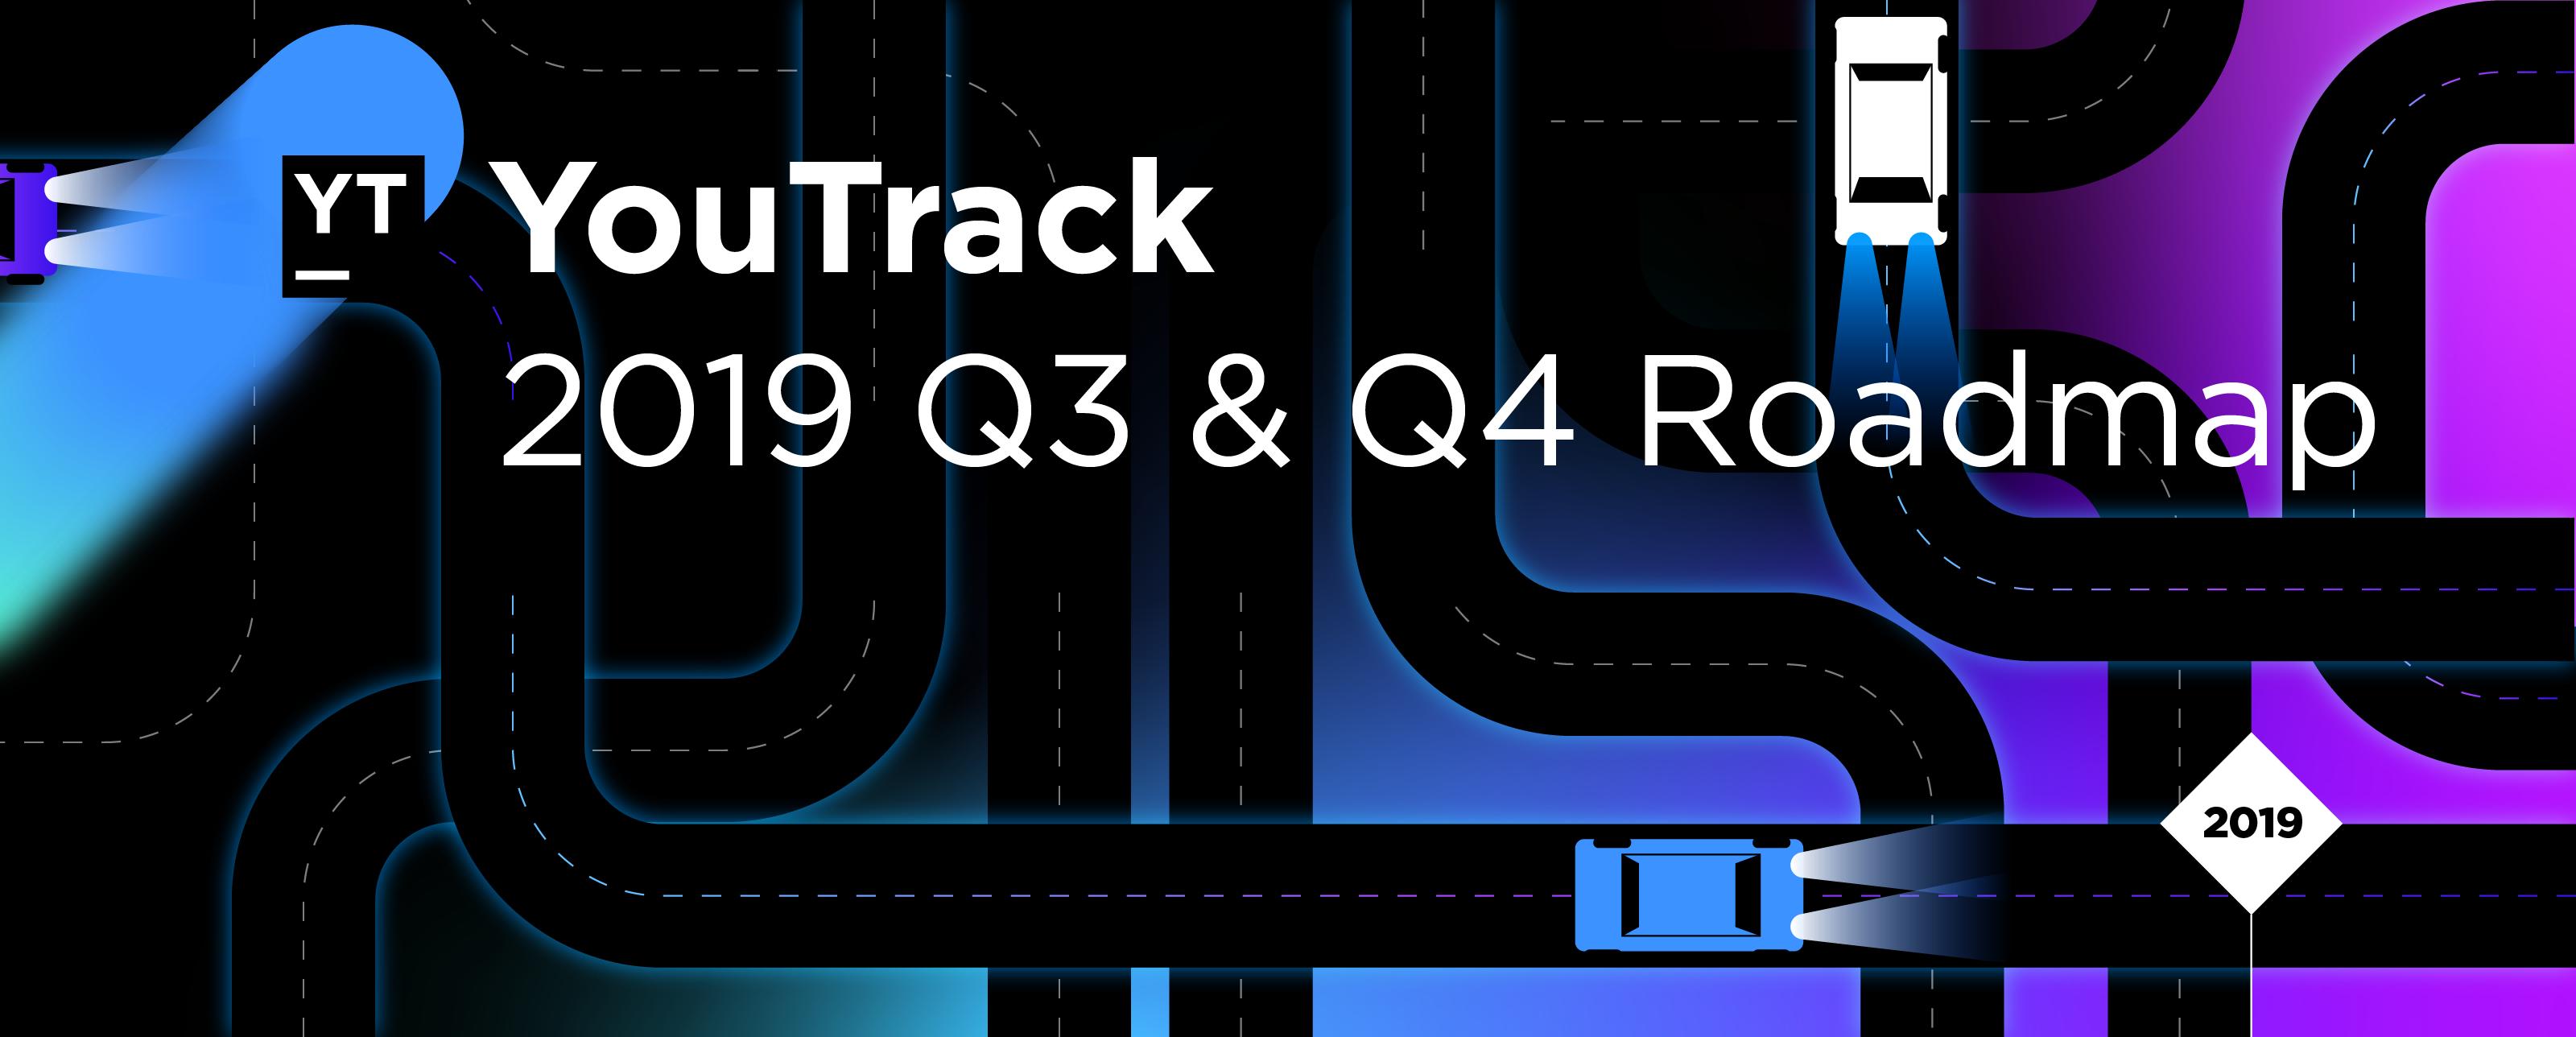 roadmap-q3-q4@2x